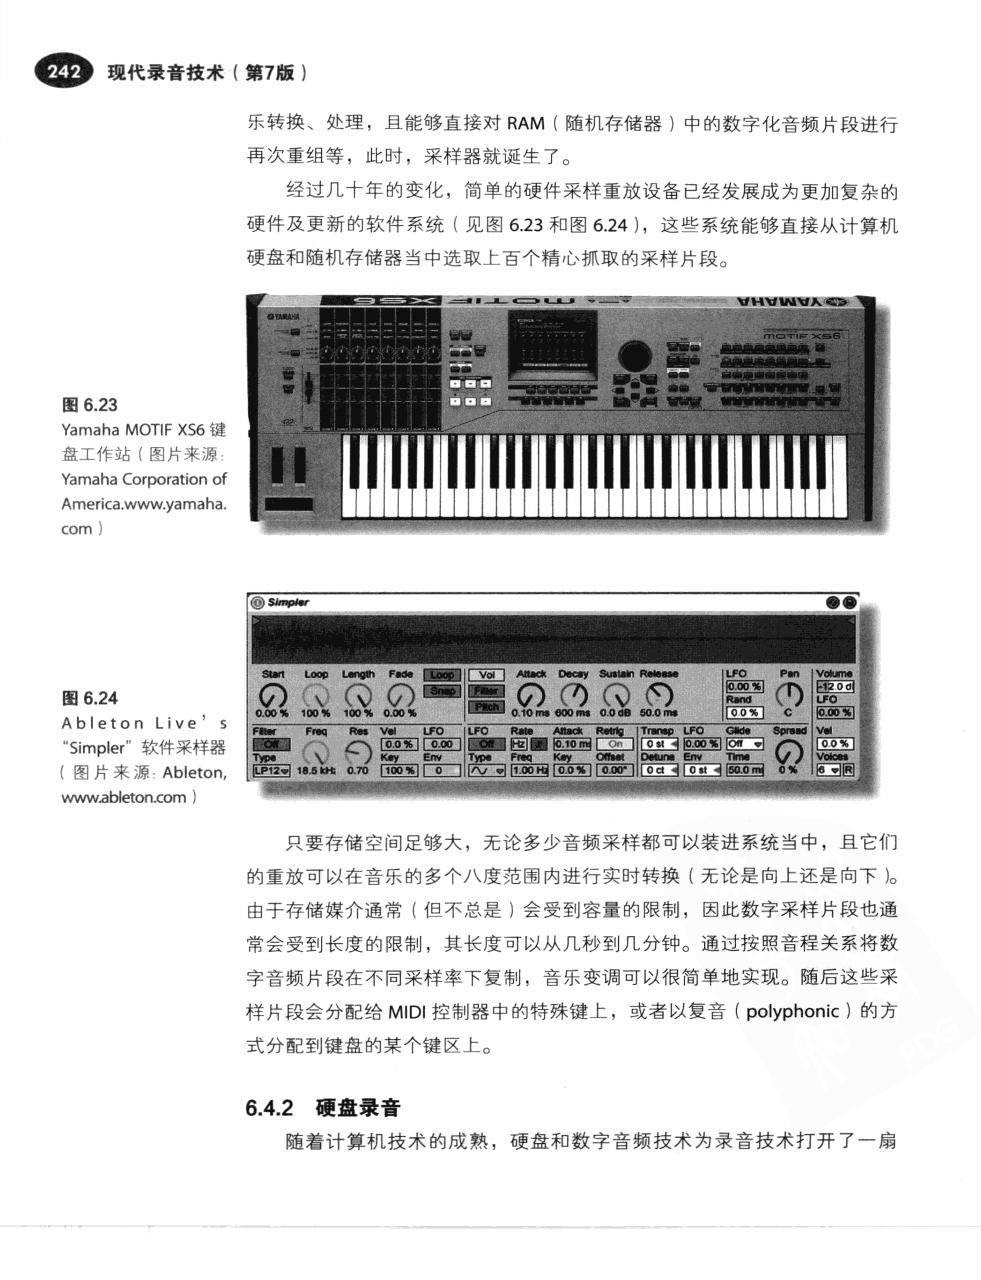 现代录音技术(第7版) 269